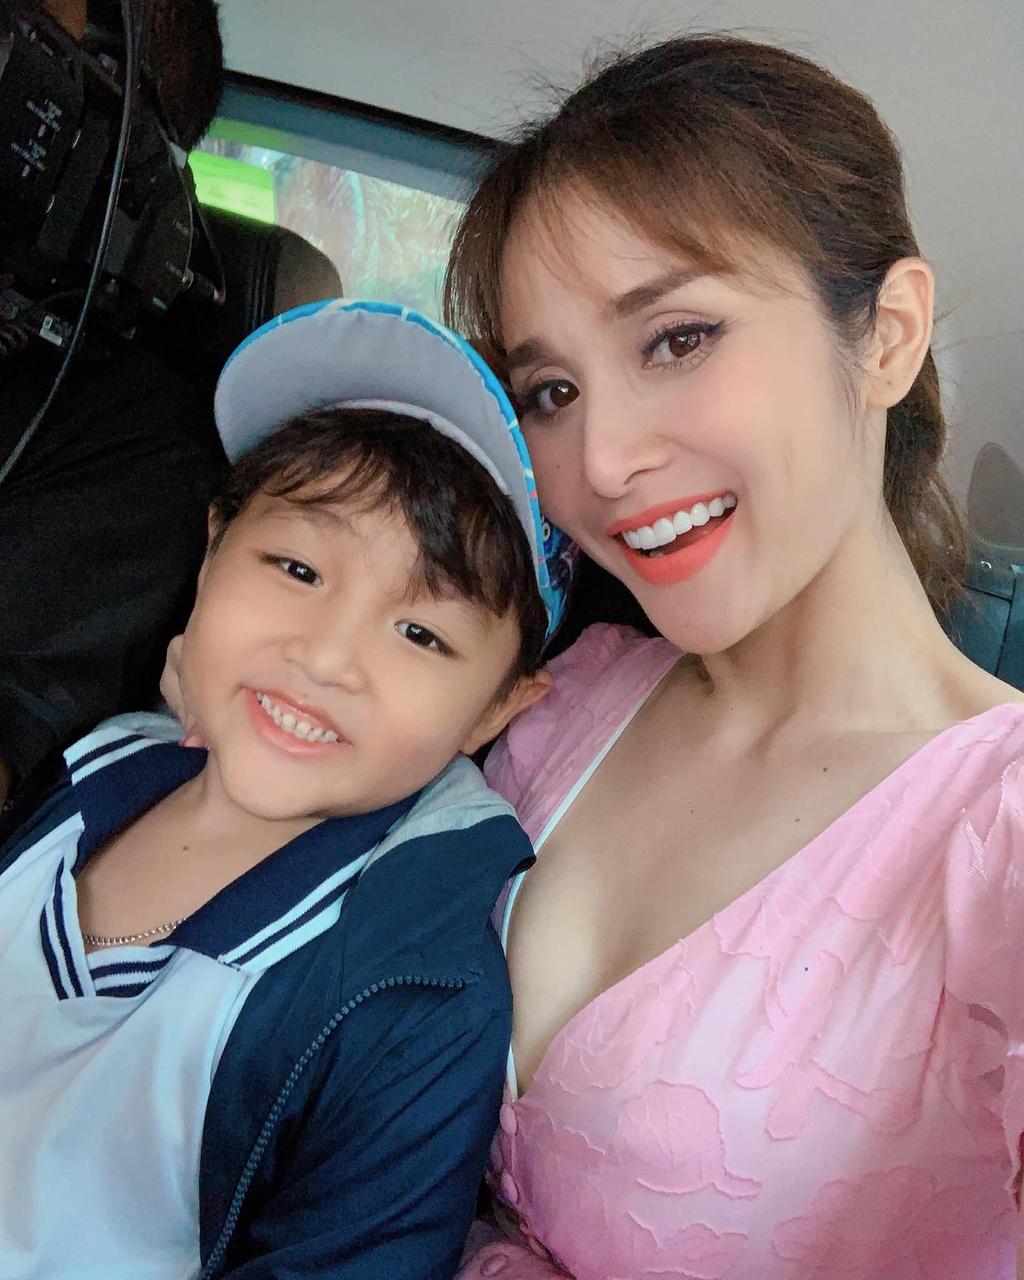 Nhan sac Thao Trang khi dong 'Tieng set trong mua' hinh anh 12